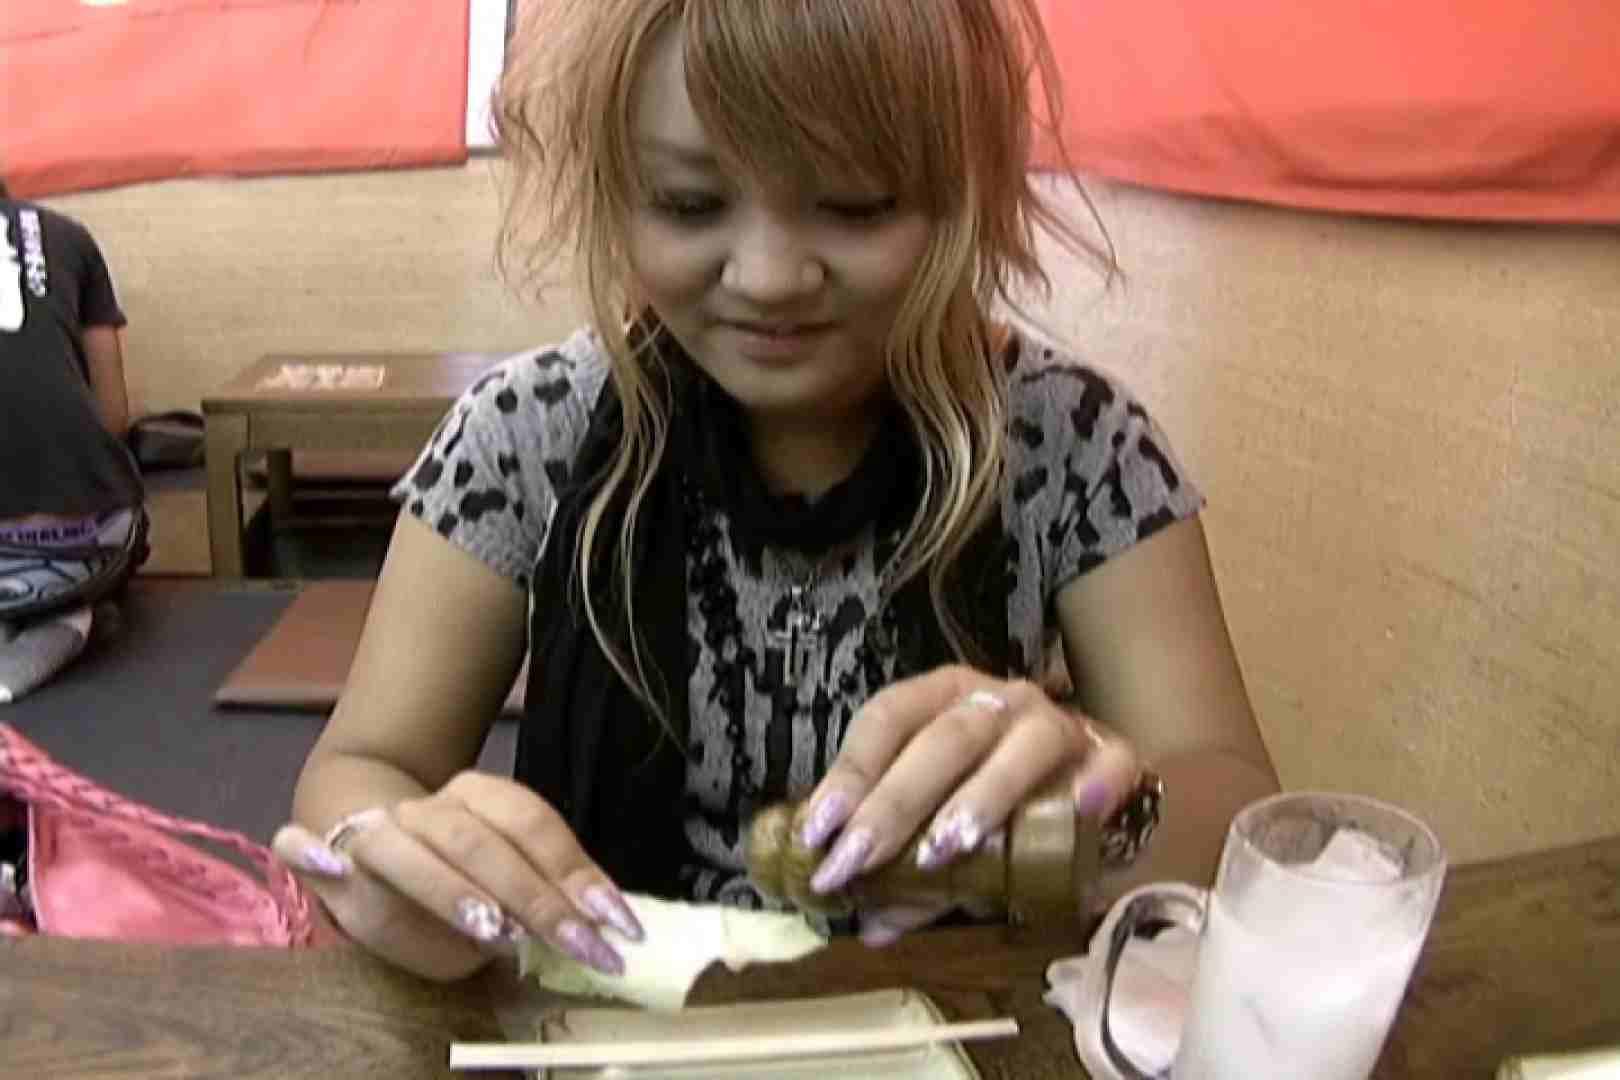 素人ナンパ本番撮り!出会い系でGET!Vol.01 ホテル オメコ無修正動画無料 79pic 68